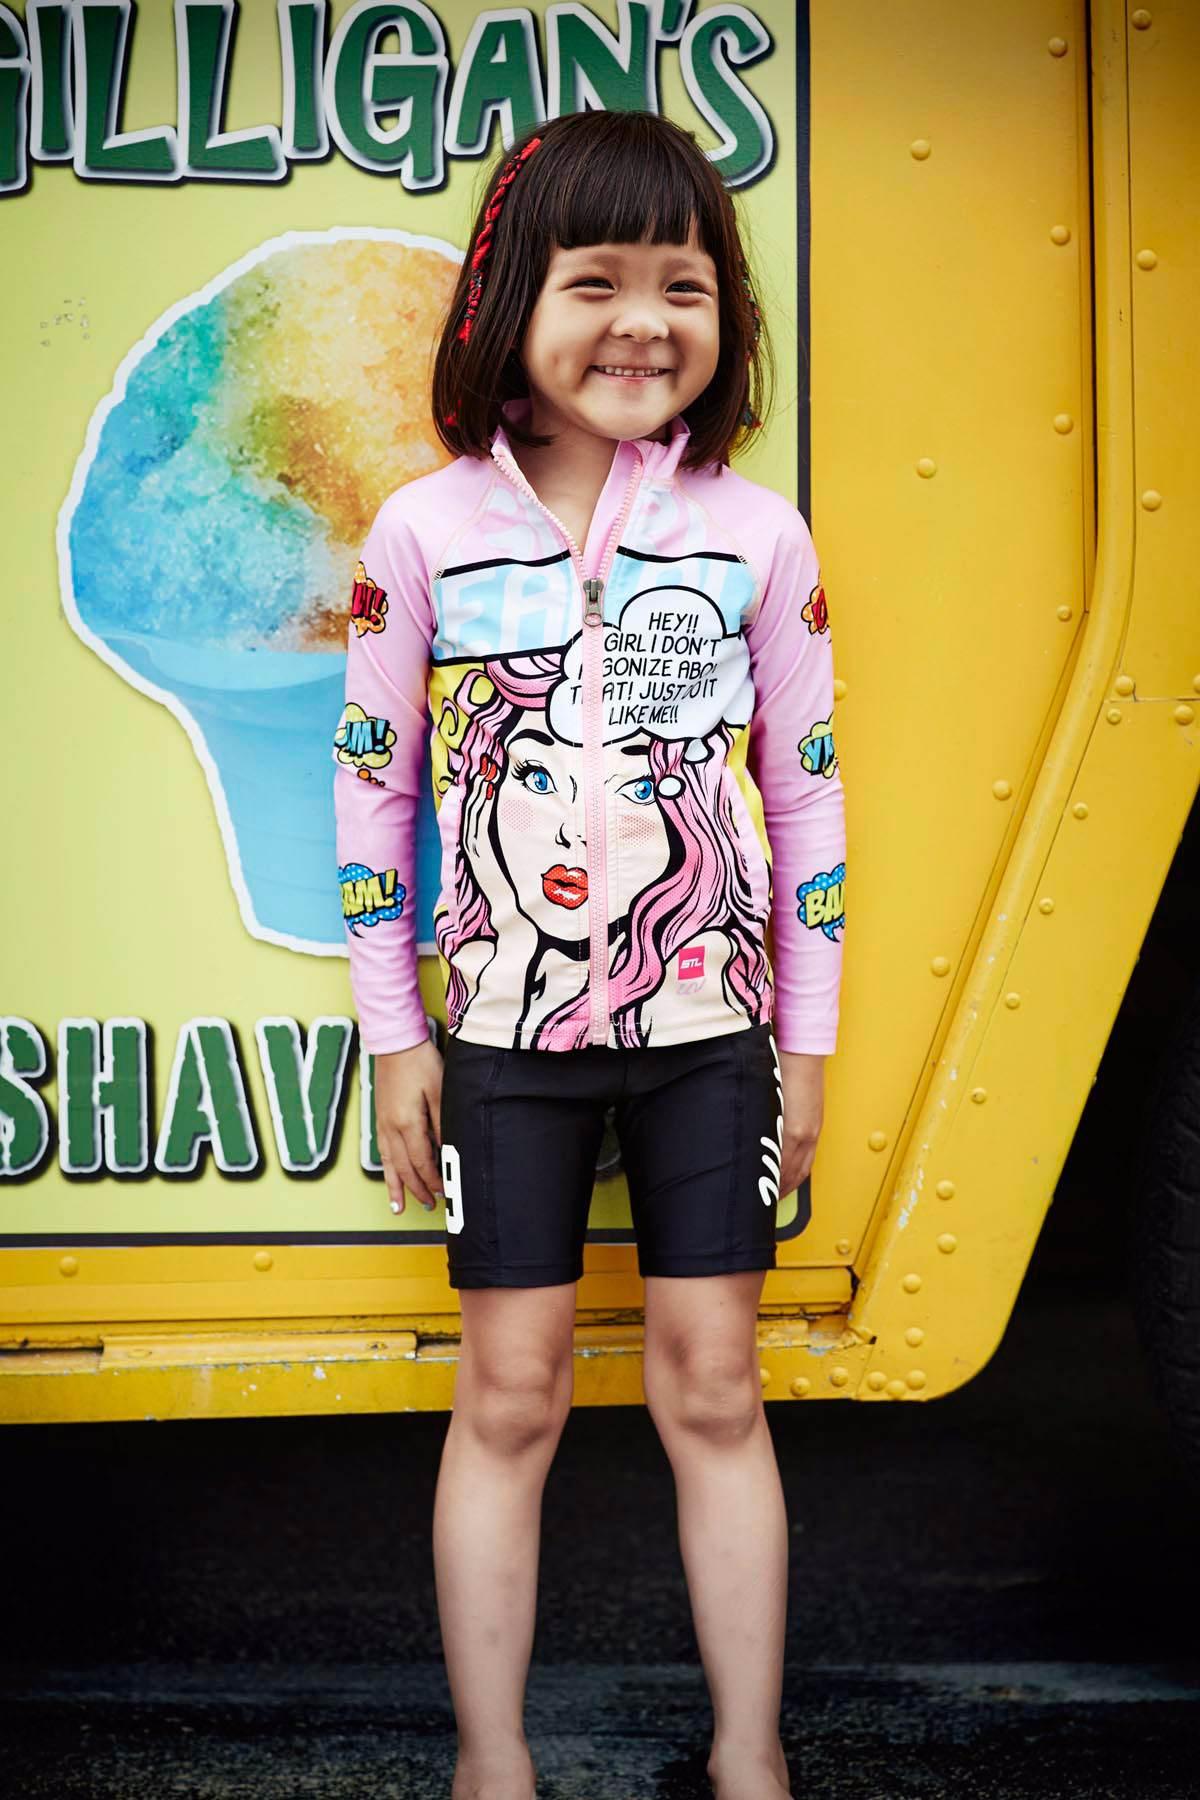 從去年夏天開始,韓妞幾乎人手一件Rashguard 防曬衣!它既可以保護皮膚不被太陽曬傷,對比較保守的女孩兒而言也是非常好的選擇!